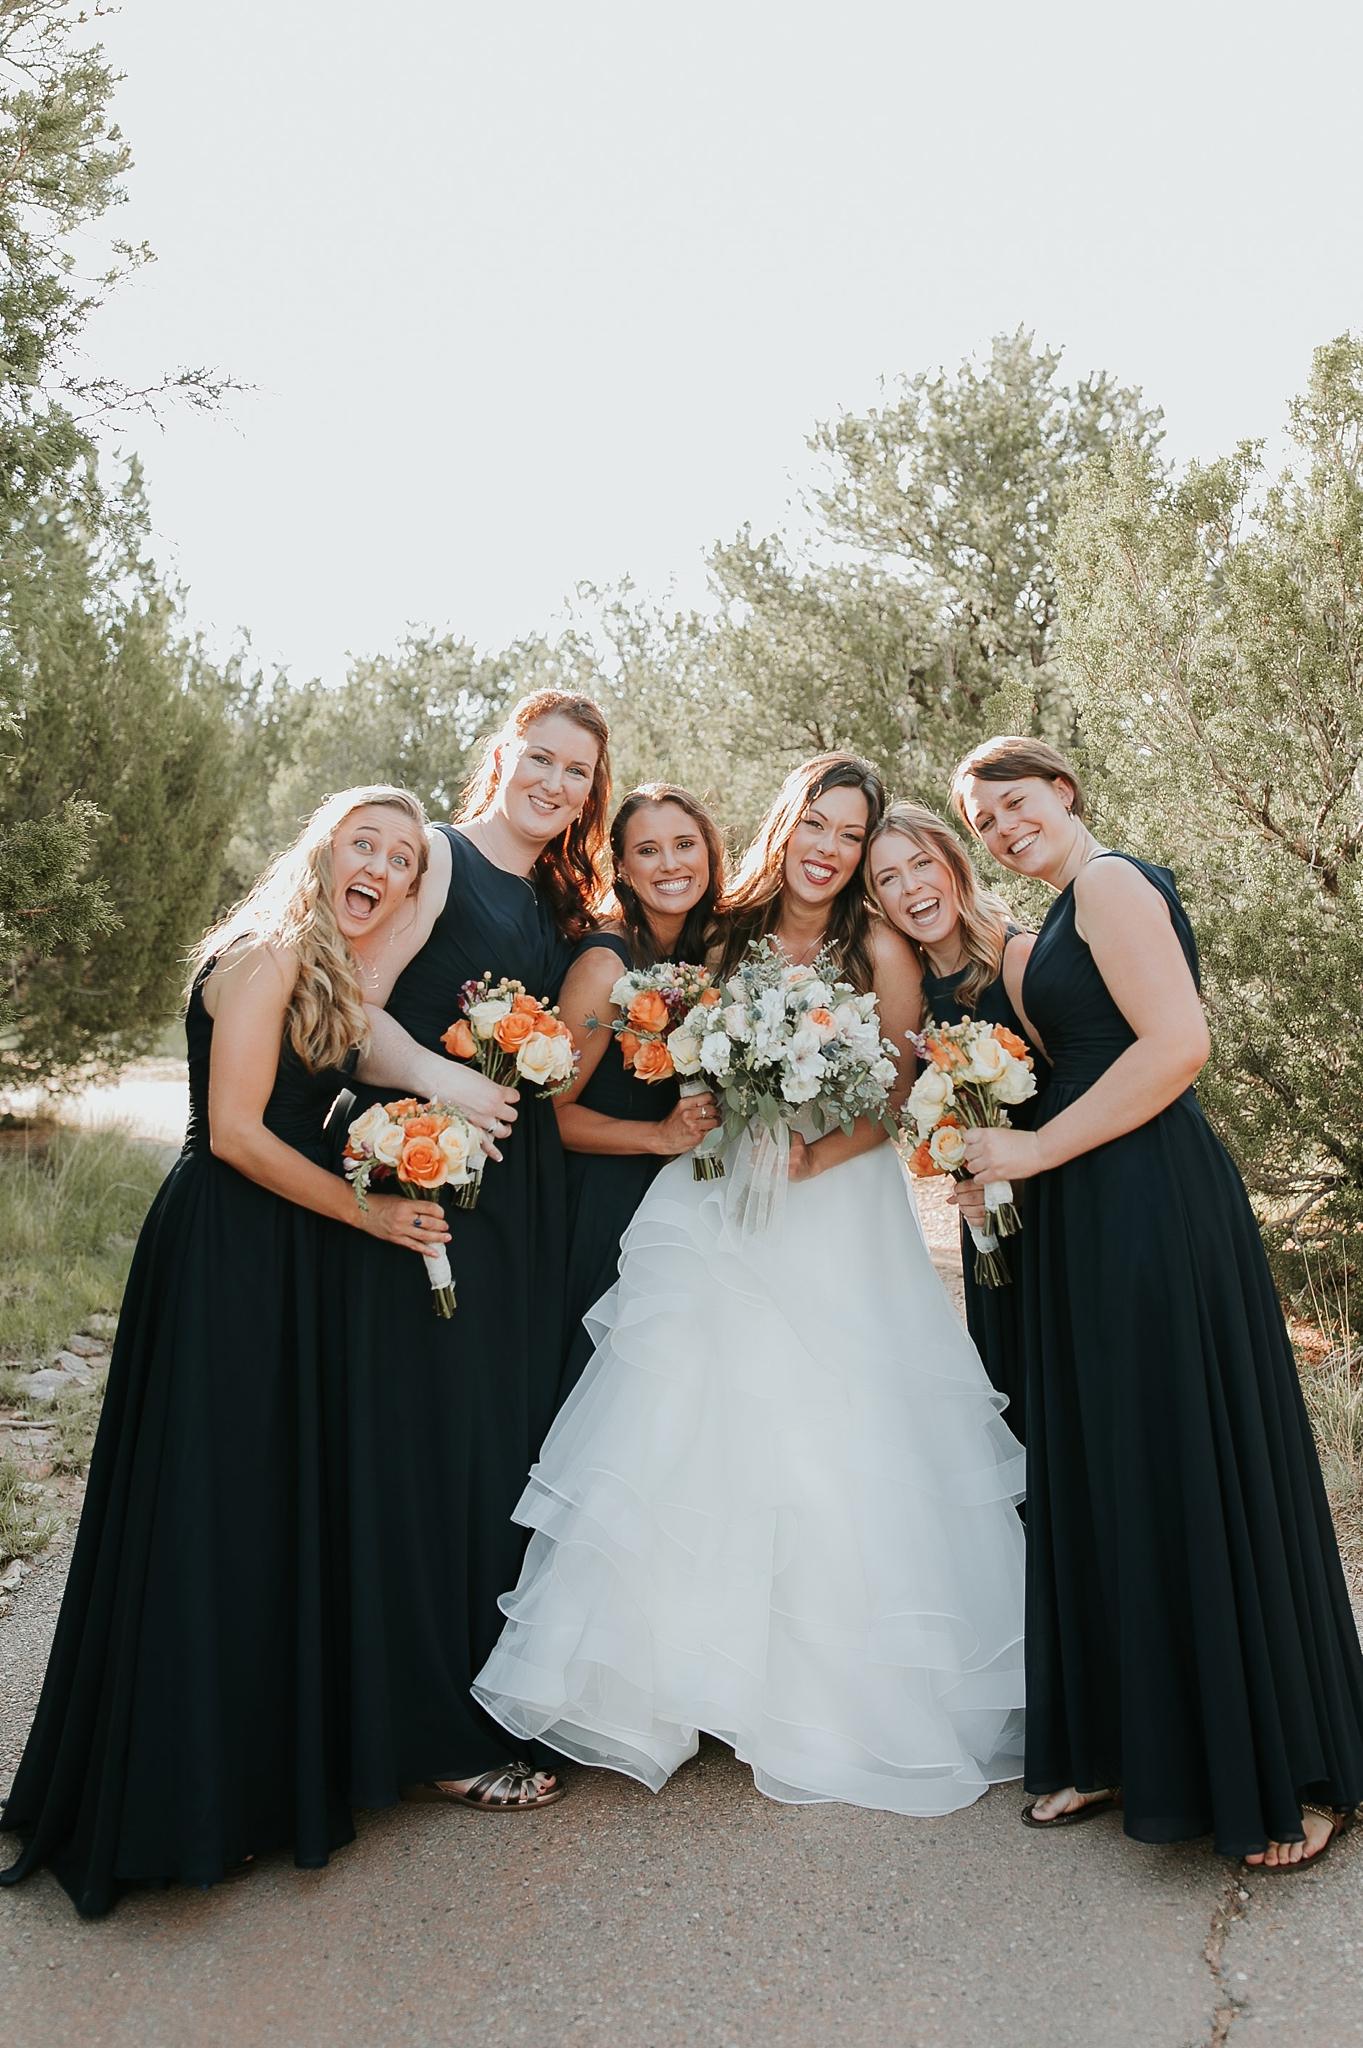 Alicia+lucia+photography+-+albuquerque+wedding+photographer+-+santa+fe+wedding+photography+-+new+mexico+wedding+photographer+-+new+mexico+wedding+-+new+mexico+wedding+-+colorado+wedding+-+bridesmaids+-+bridesmaid+style_0028.jpg